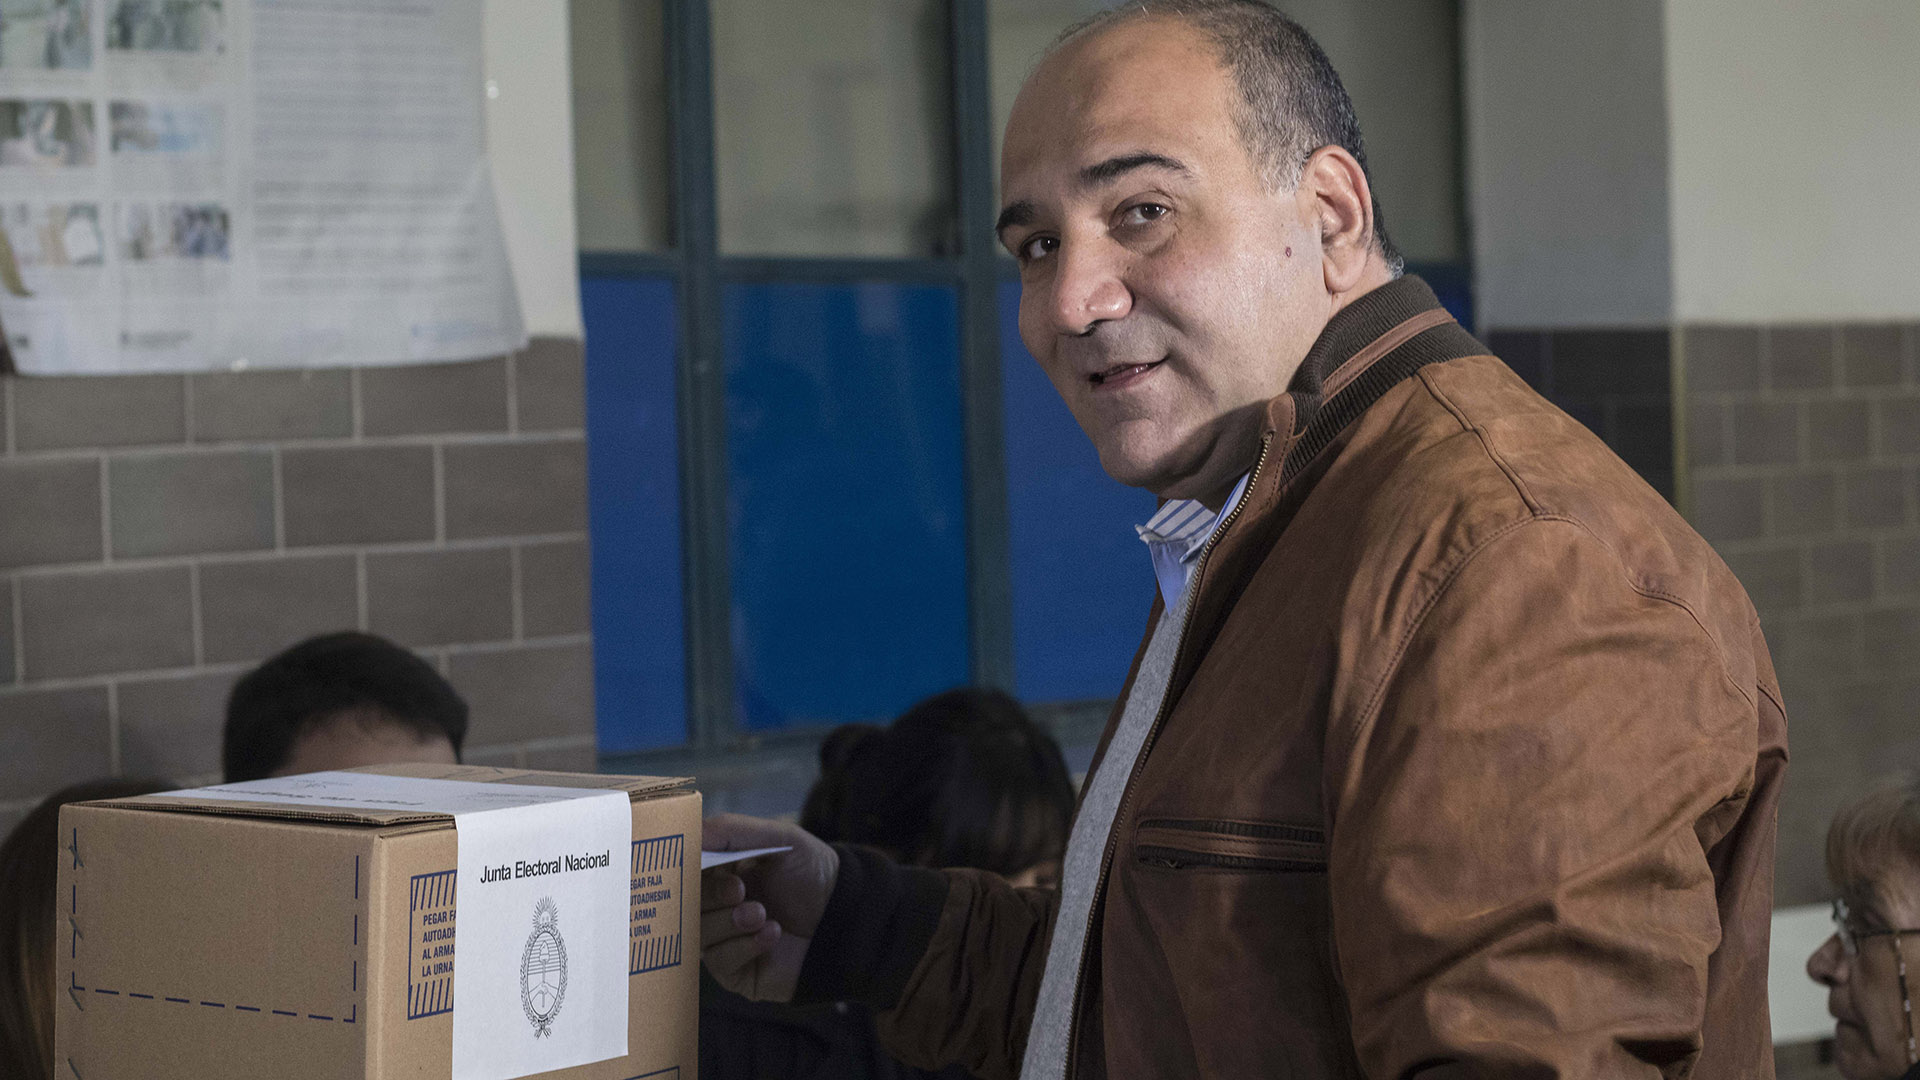 El gobernador de Tucumán Juan Manzur vota en el colegio El Salvador de la localidad de Yerba Buena